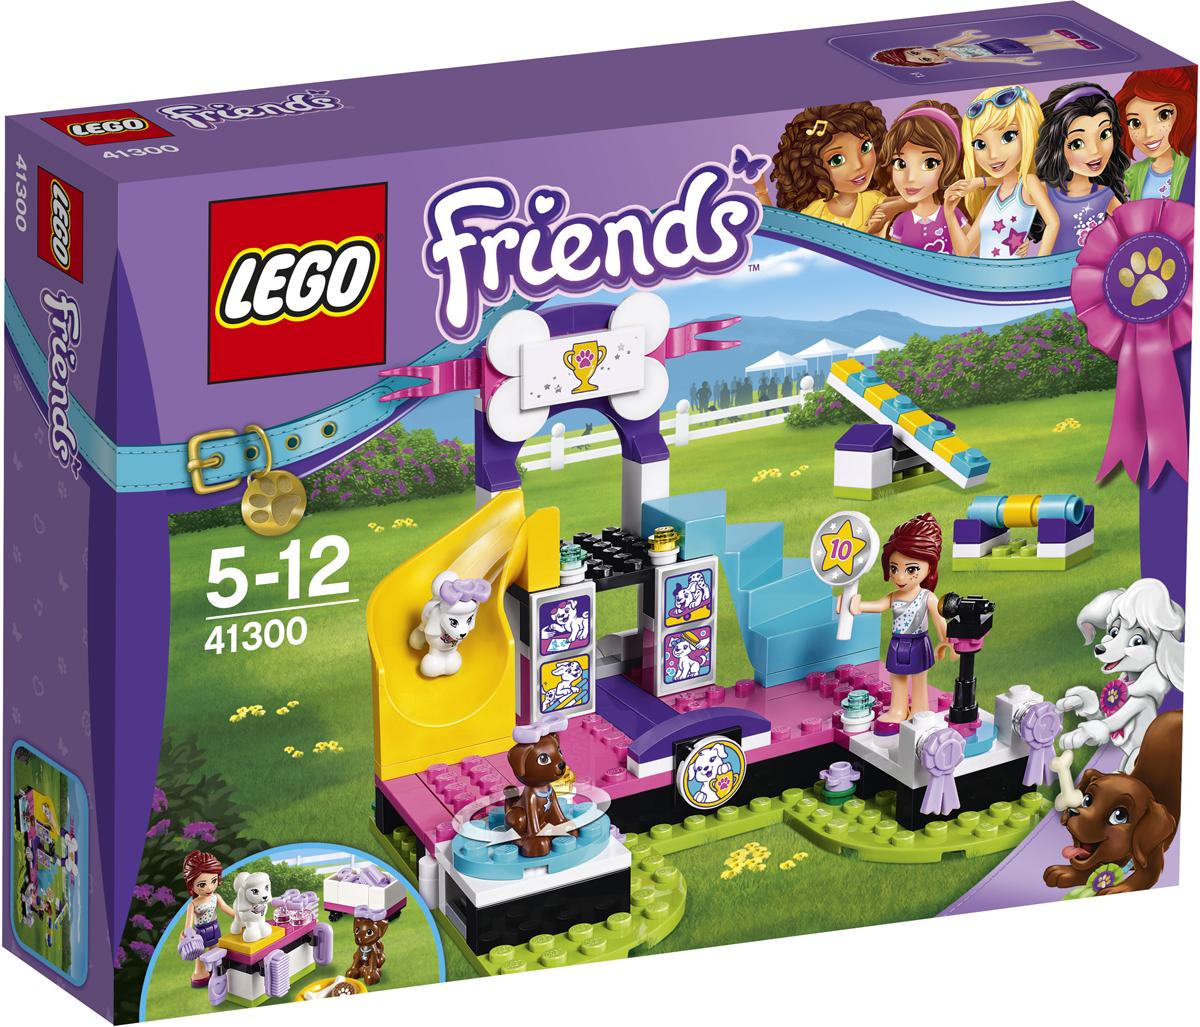 LEGO Friends Конструктор Выставка щенков Чемпионат 4130041300Выйди на сцену и произведи фурор, демонстрируя, что умеют твои щенки. Причёсывай их, пока щенки не будут выглядеть самым лучшим образом, и вперёд! Посади Скаута на вращающийся стул, чтобы все увидели его блестящую шёрстку, и осторожно проведи Тину вверх-вниз по качелям, а потом помоги ей преодолеть препятствие. Поднимись по лесенке и выбери победителя вместе с Мией. Чтобы объявить победителя в микрофон, снова спустись в зал. Эти щенки за своё выступление заслужили по сахарной косточке.